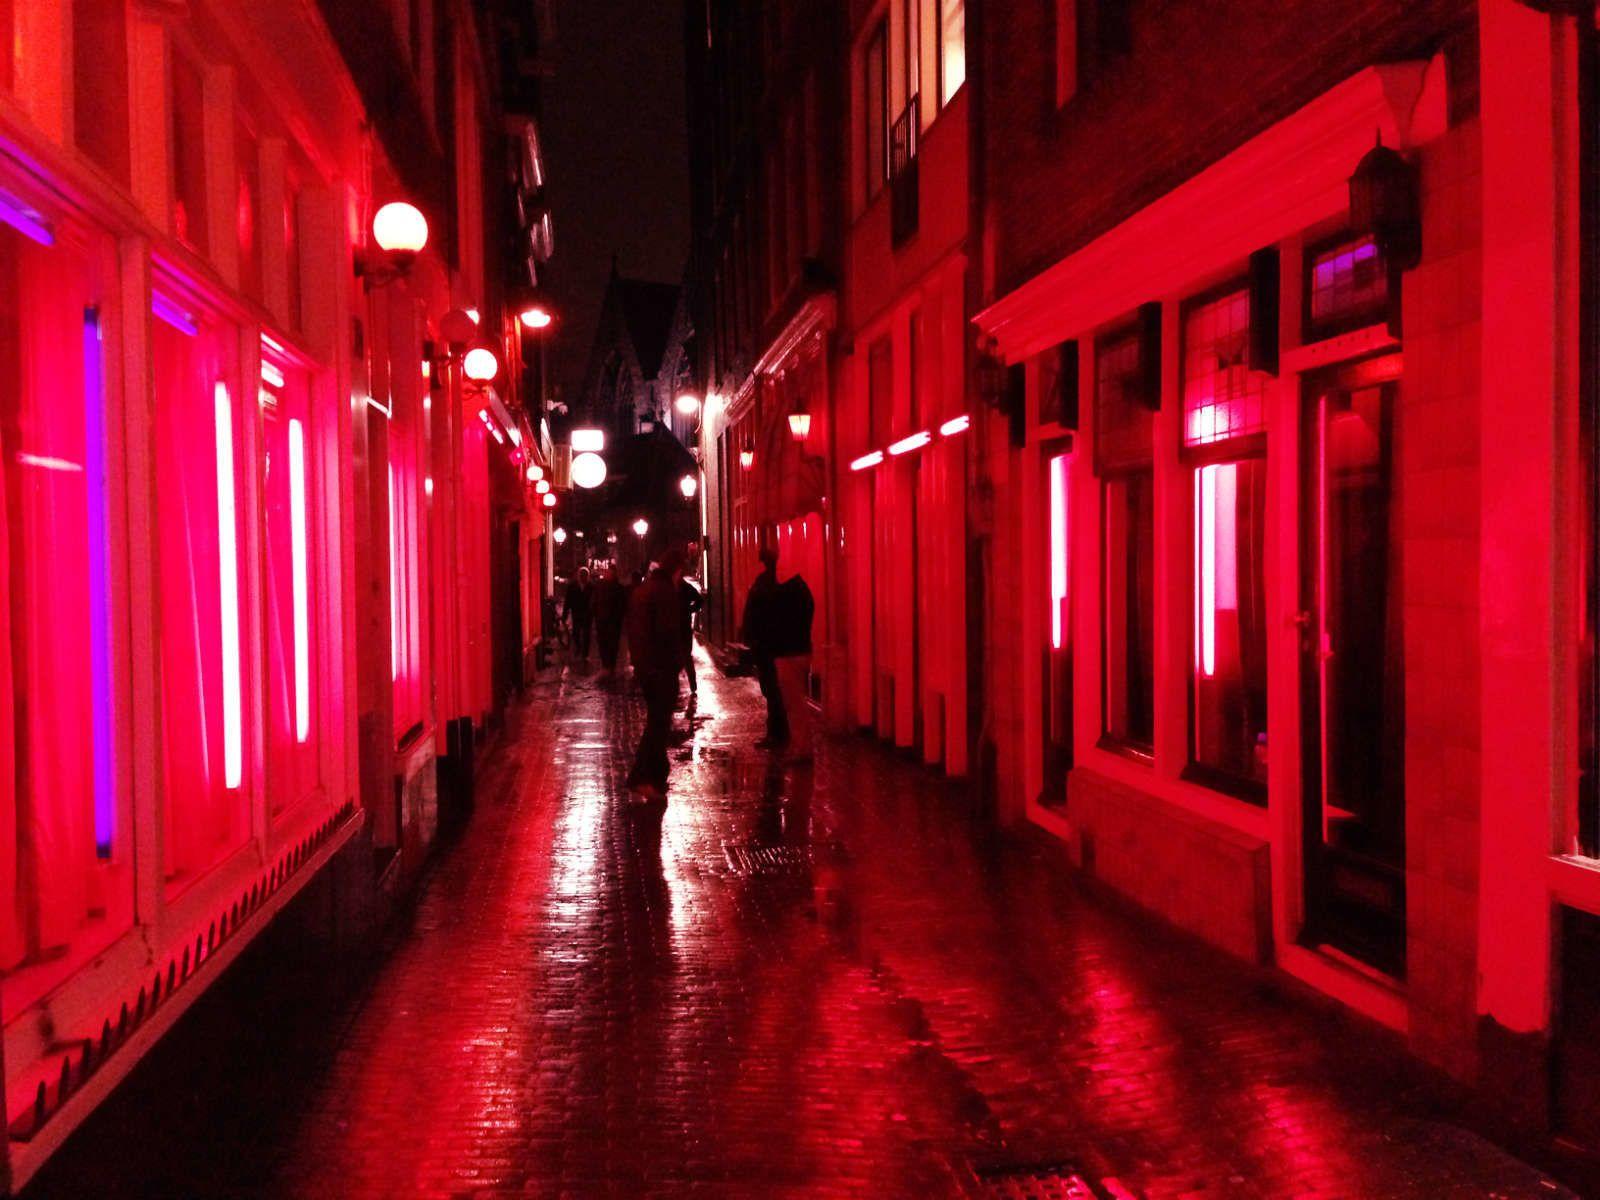 Амстердам улица красных фонарей